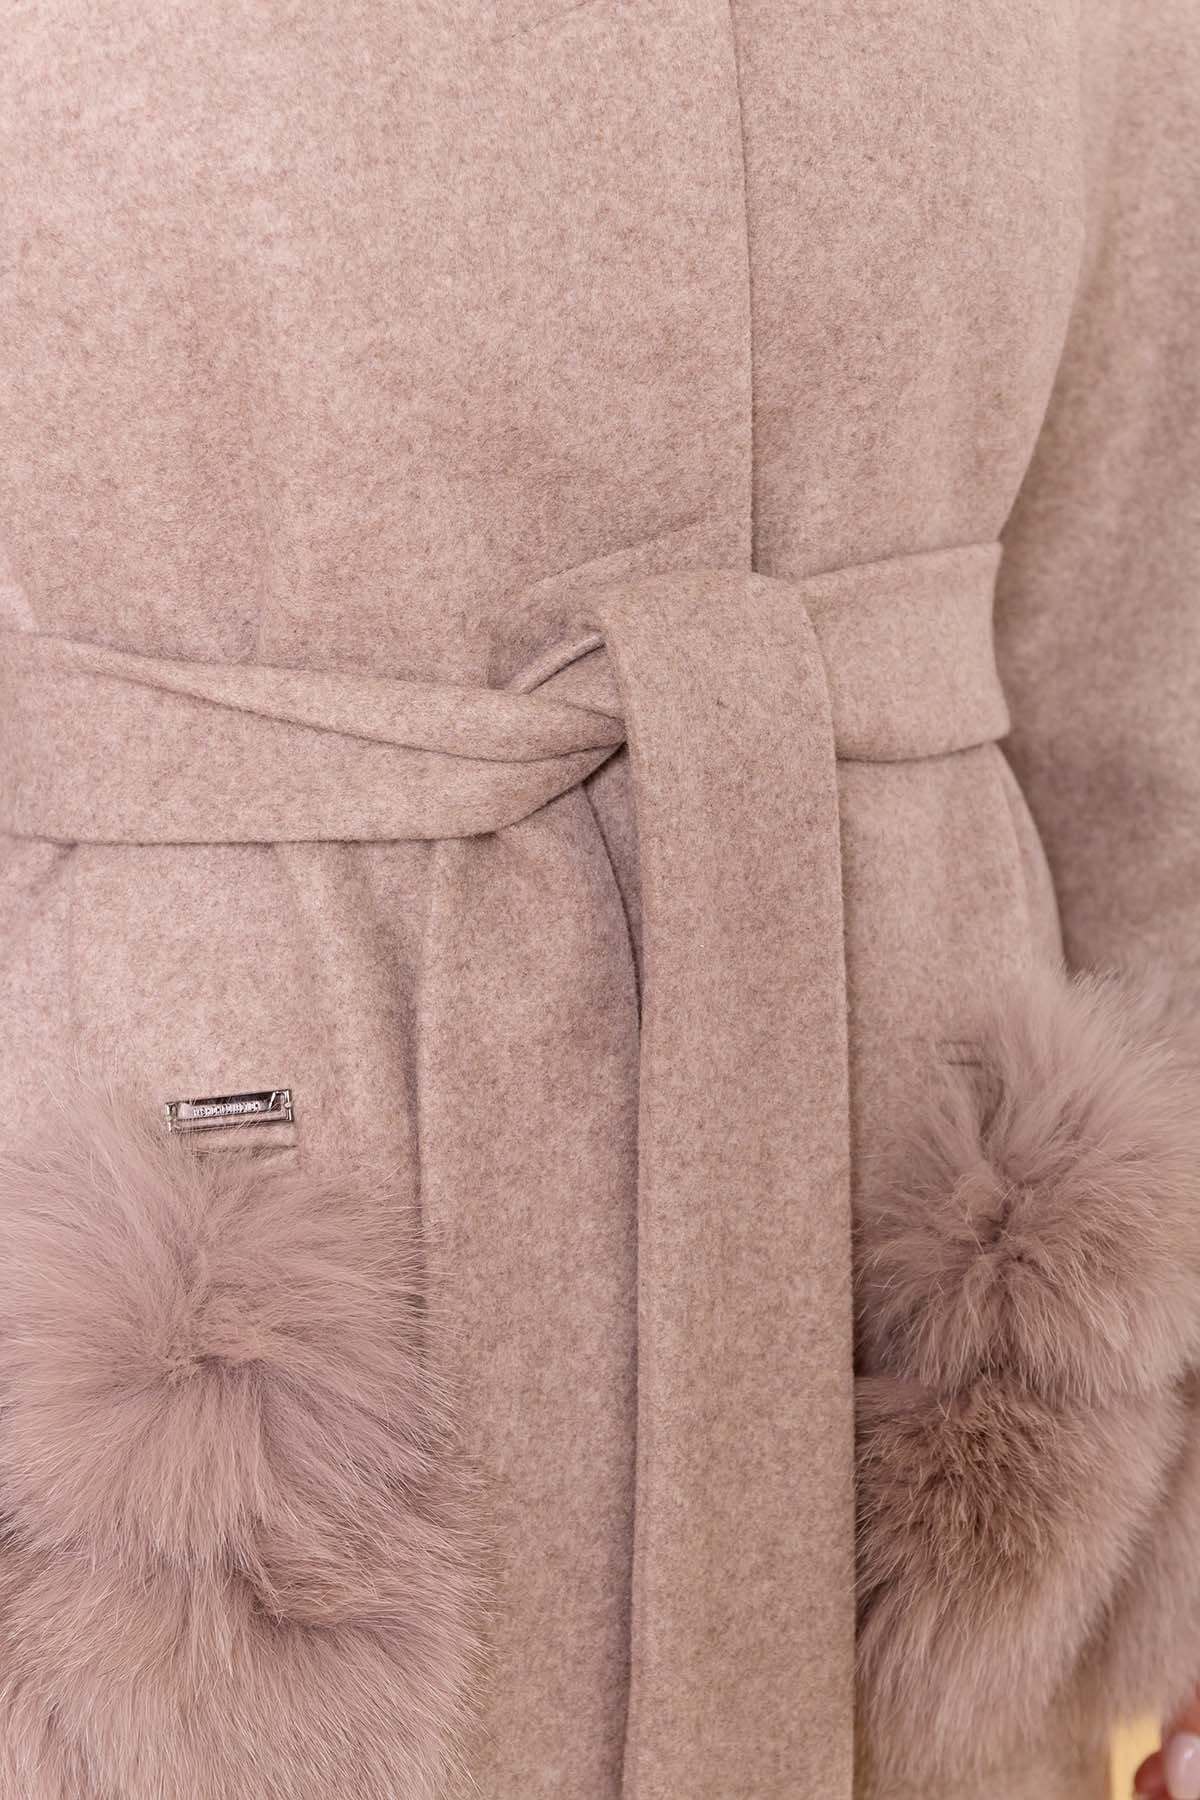 Пальто зима Анита 5752 АРТ. 40712 Цвет: Бежевый 28/1 - фото 6, интернет магазин tm-modus.ru